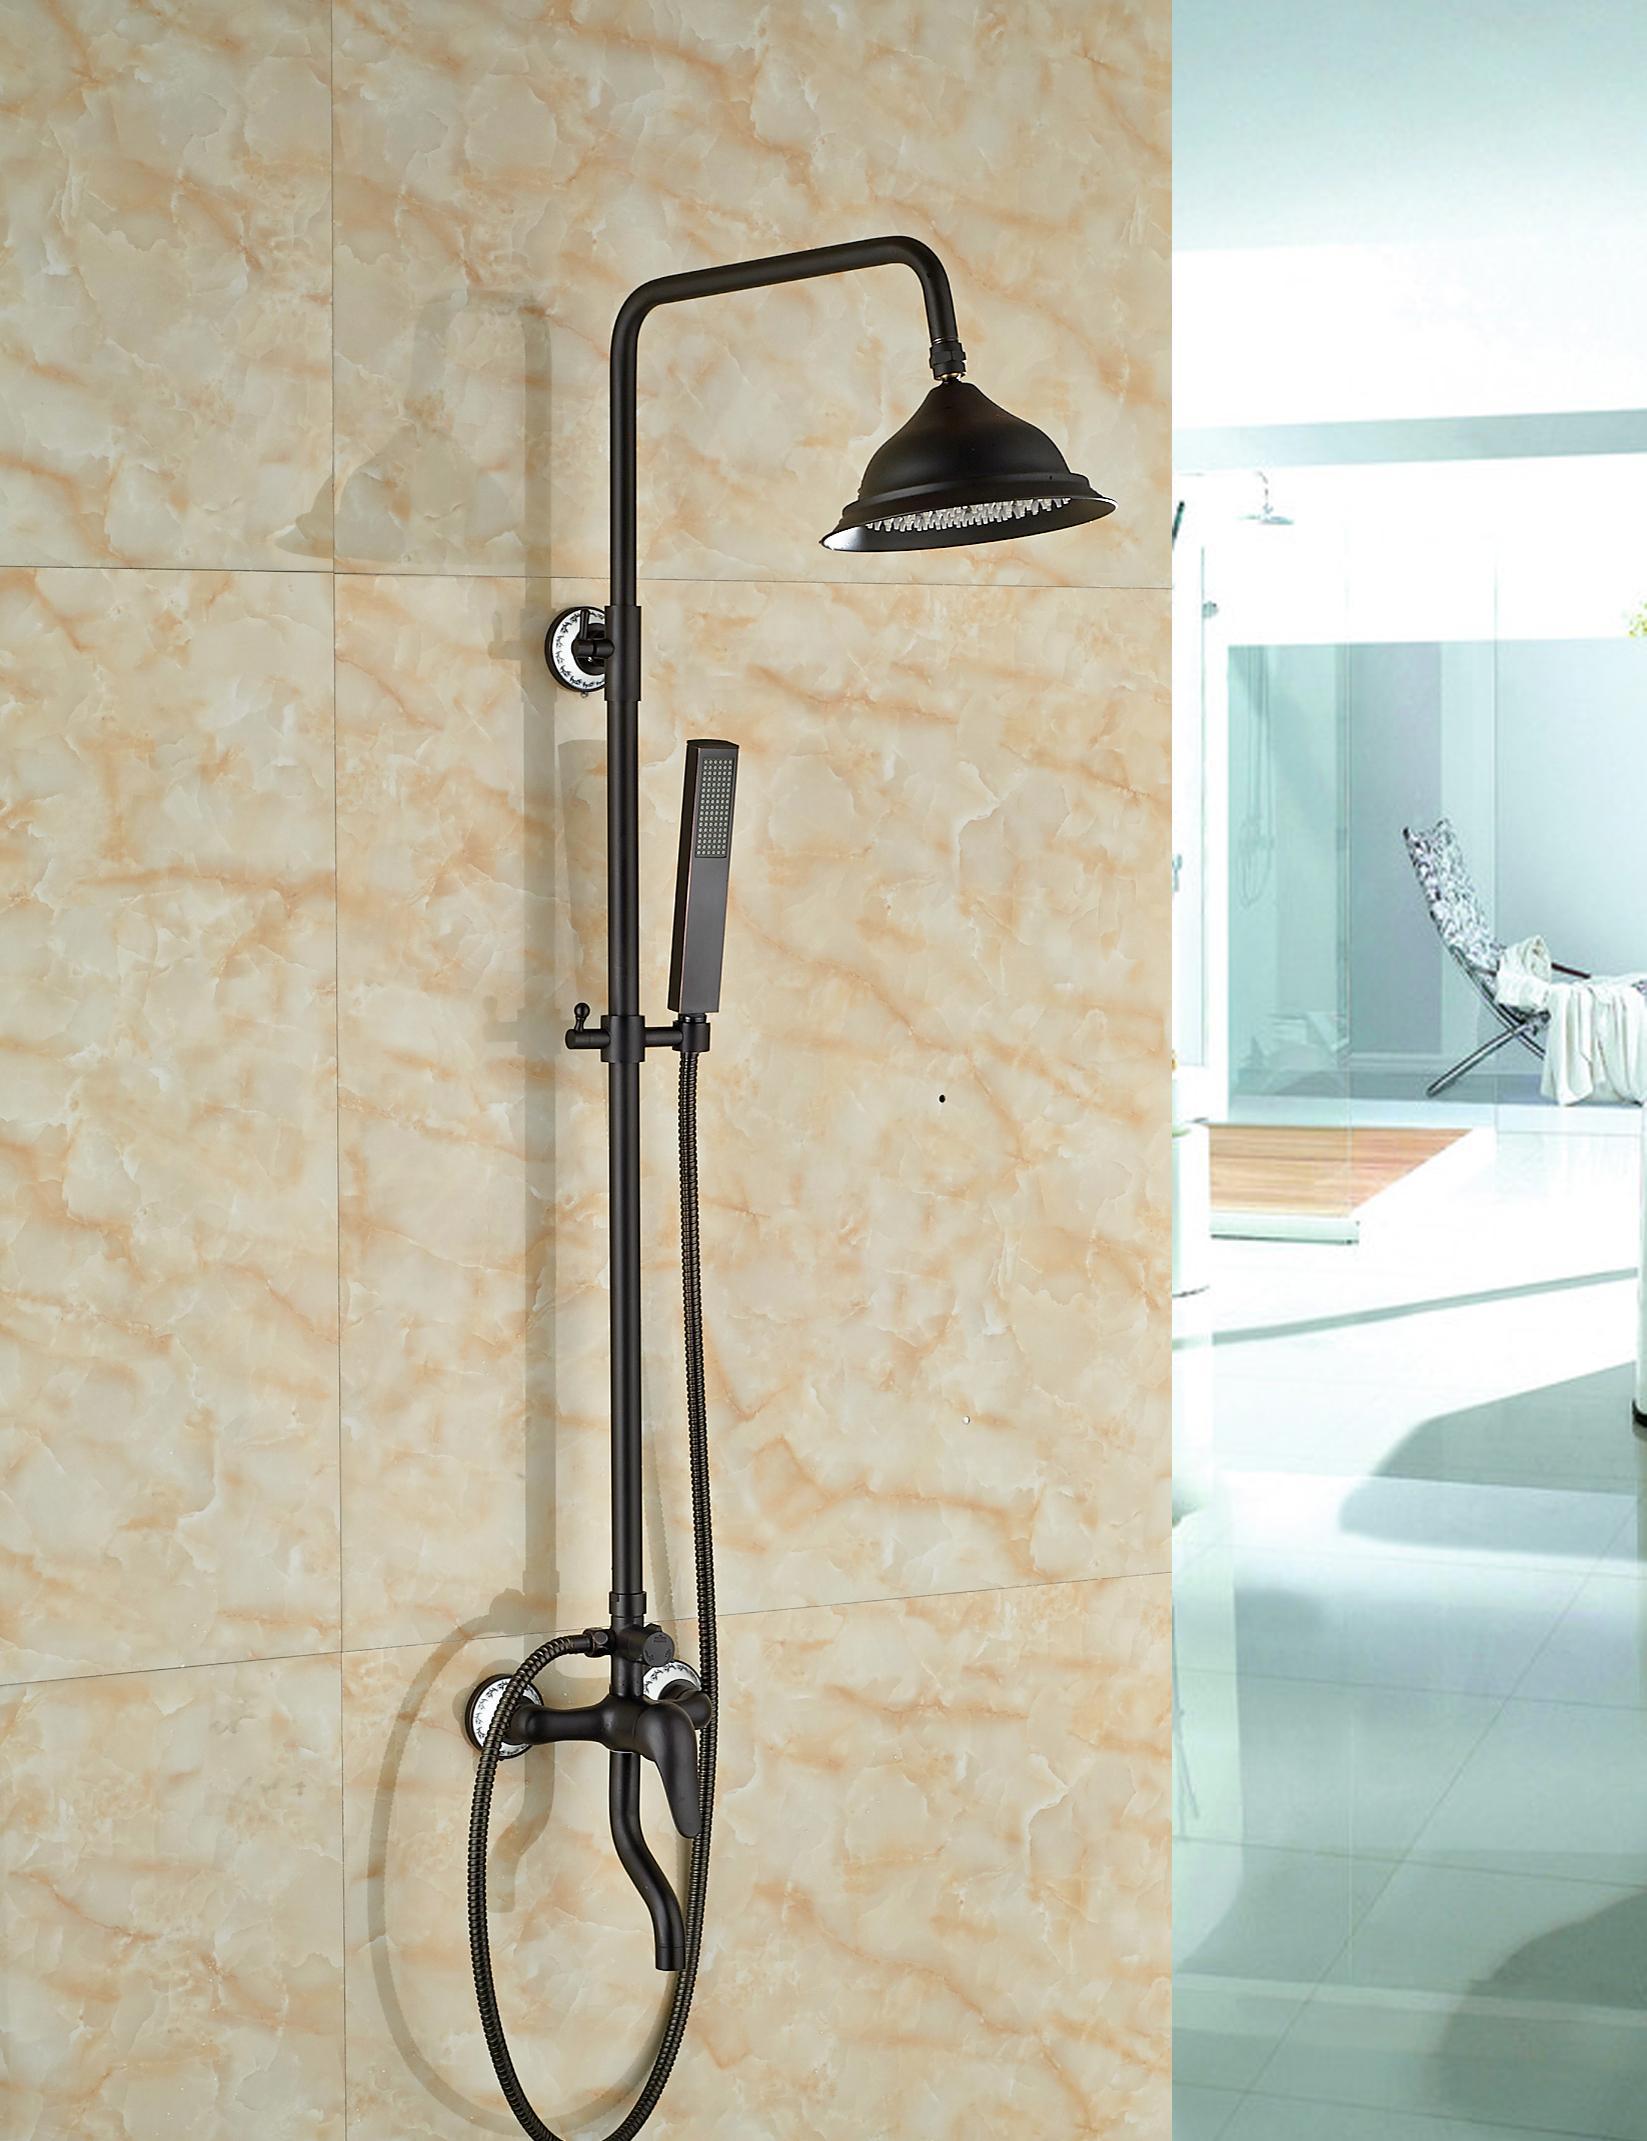 """Promozione all'ingrosso e al minuto Bronzo lucidato olio di lusso 8 """"rubinetto della doccia del rubinetto della vasca del rubinetto del getto della pioggia con lo spruzzatore della mano"""